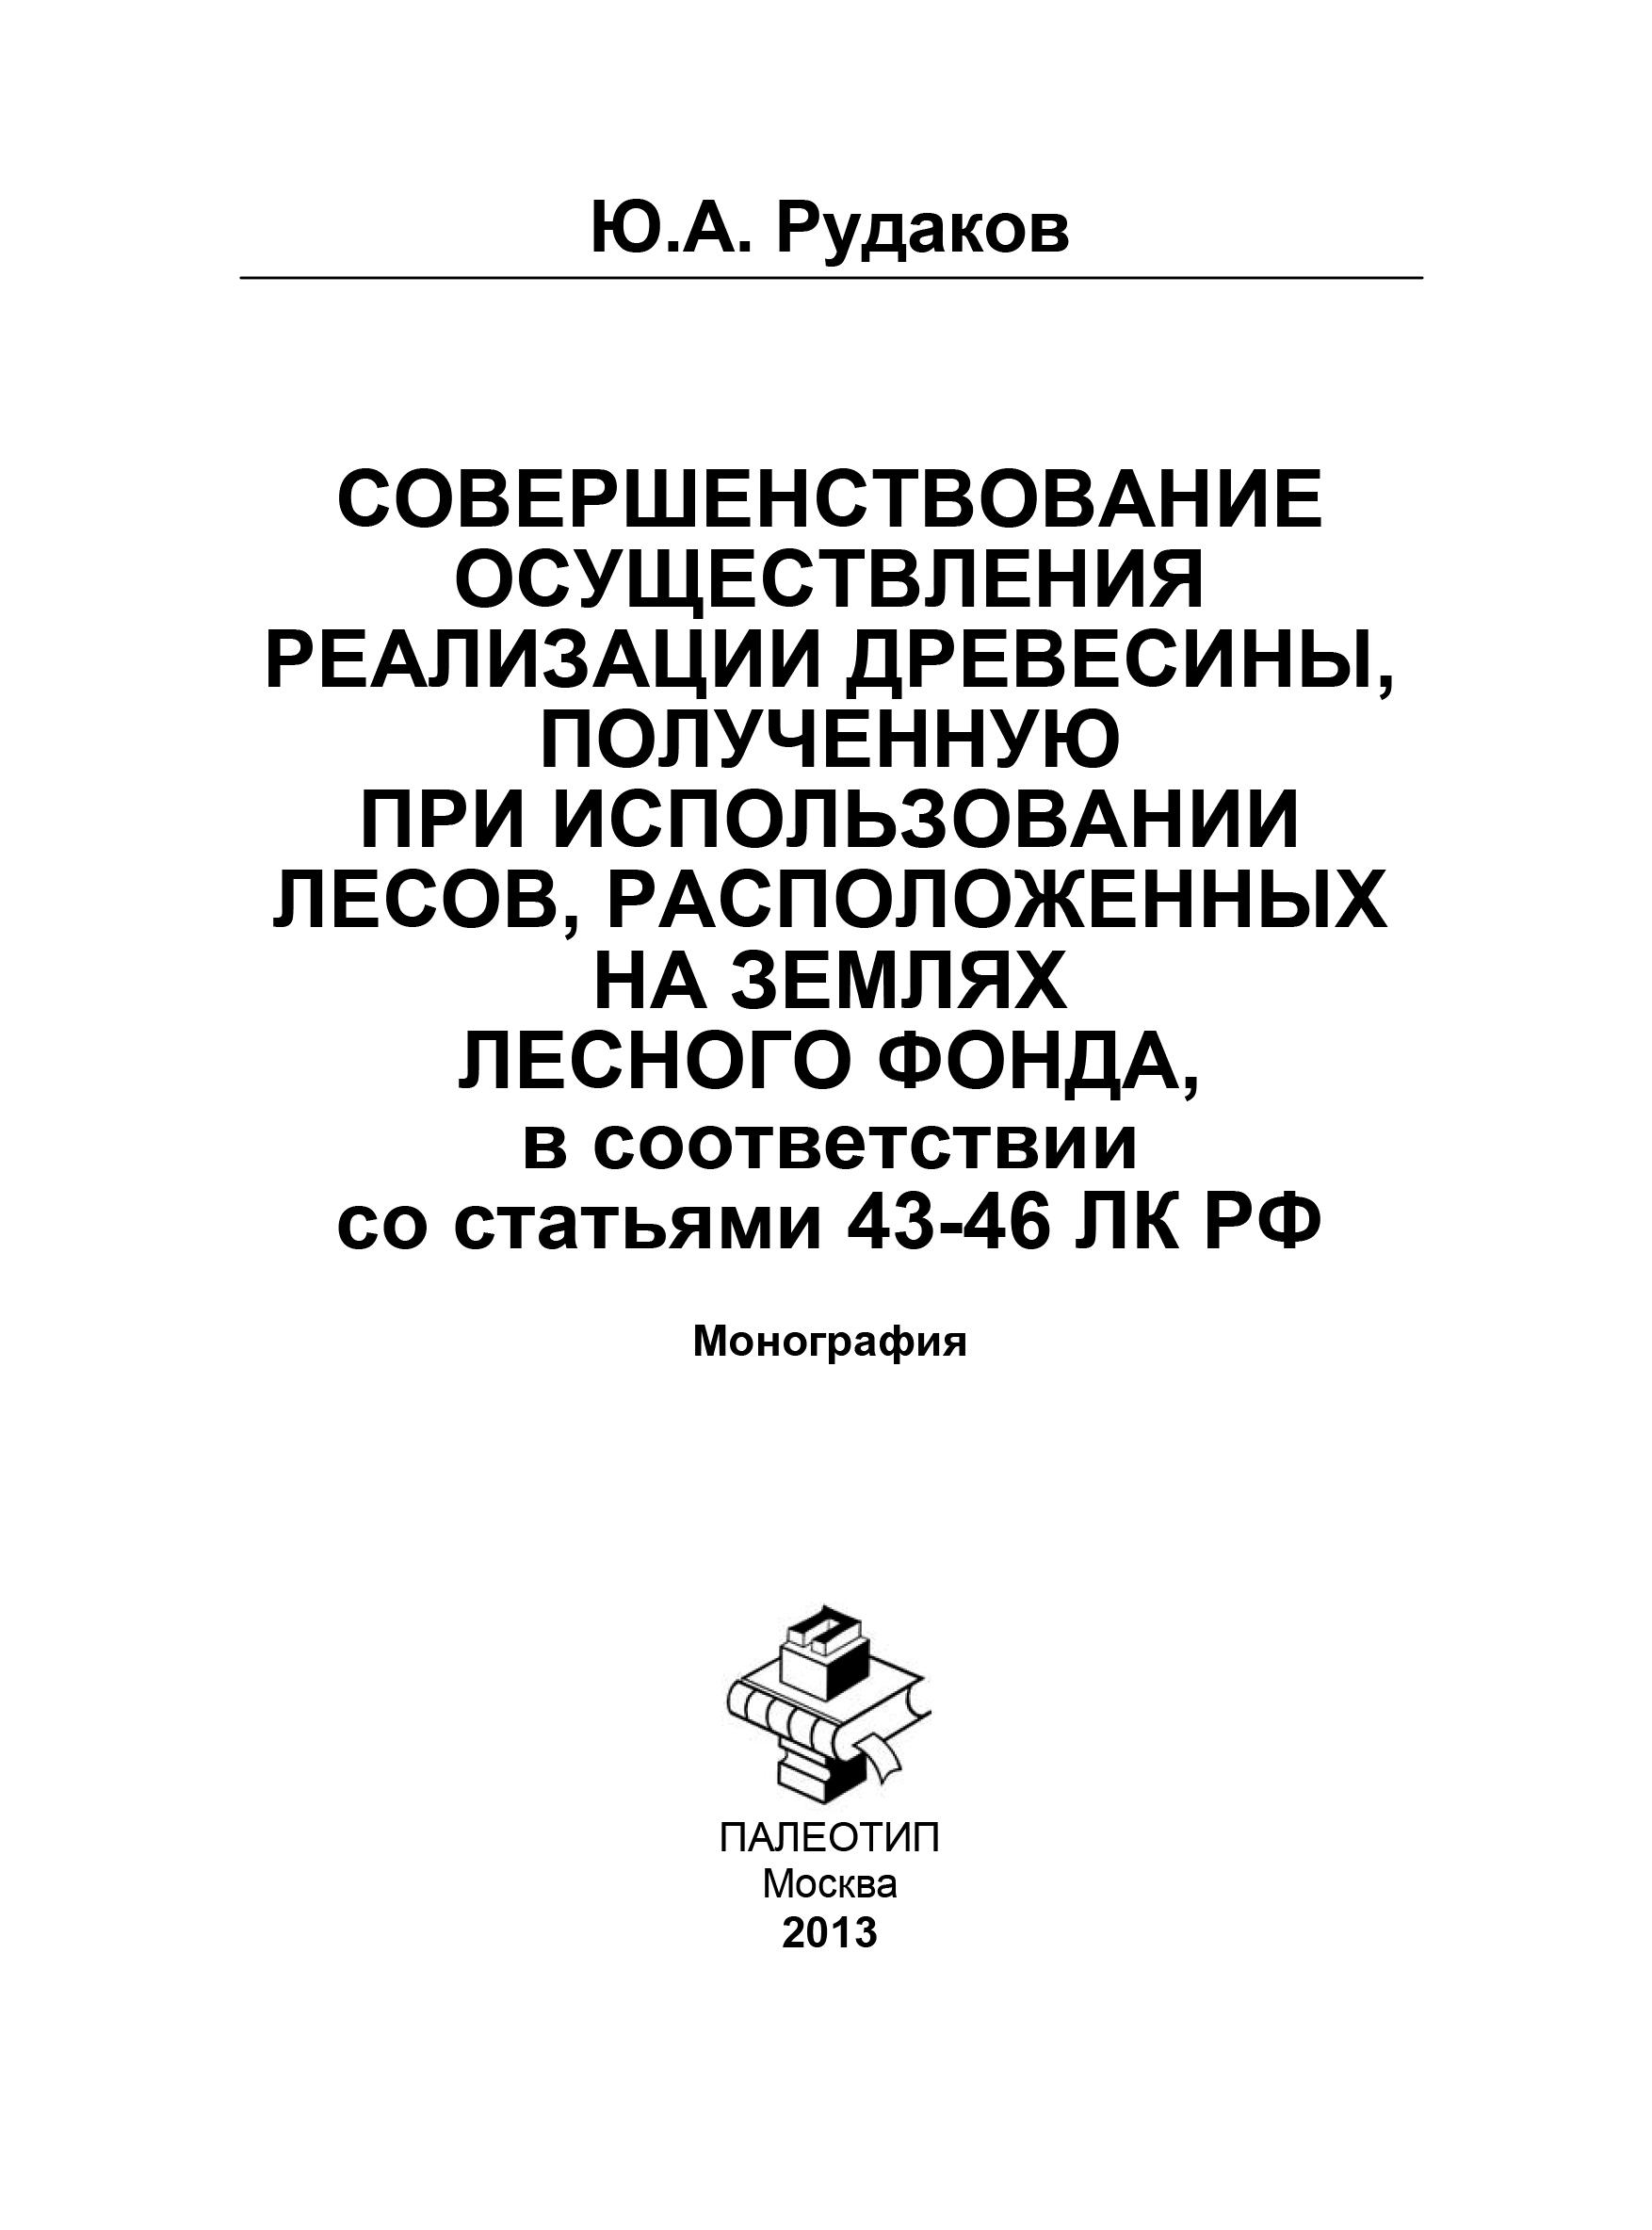 Совершенствование осуществления реализации древесины полученную при использовании лесов, расположенных на землях лесного фонда, в соответствии со статьями 43-46 ЛК РФ